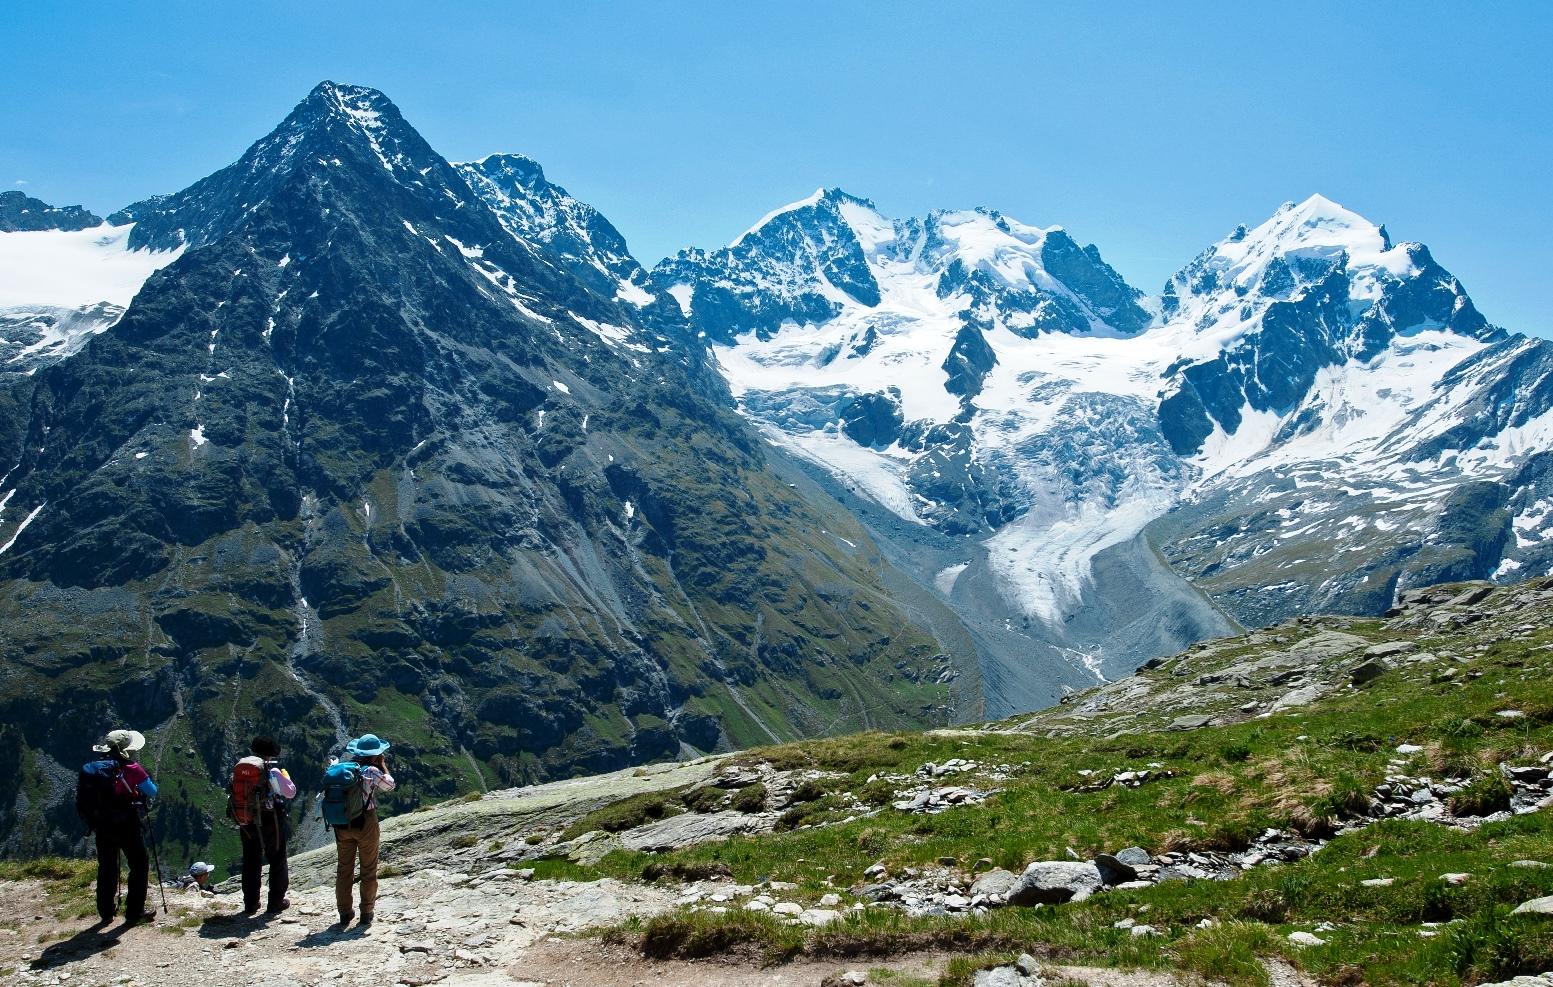 ベルニナ山群の最高峰ピッツ・ベルニナ(4,049m、左)とピッツ・ロゼック(3,937m、中央)をのぞむ(3日目)